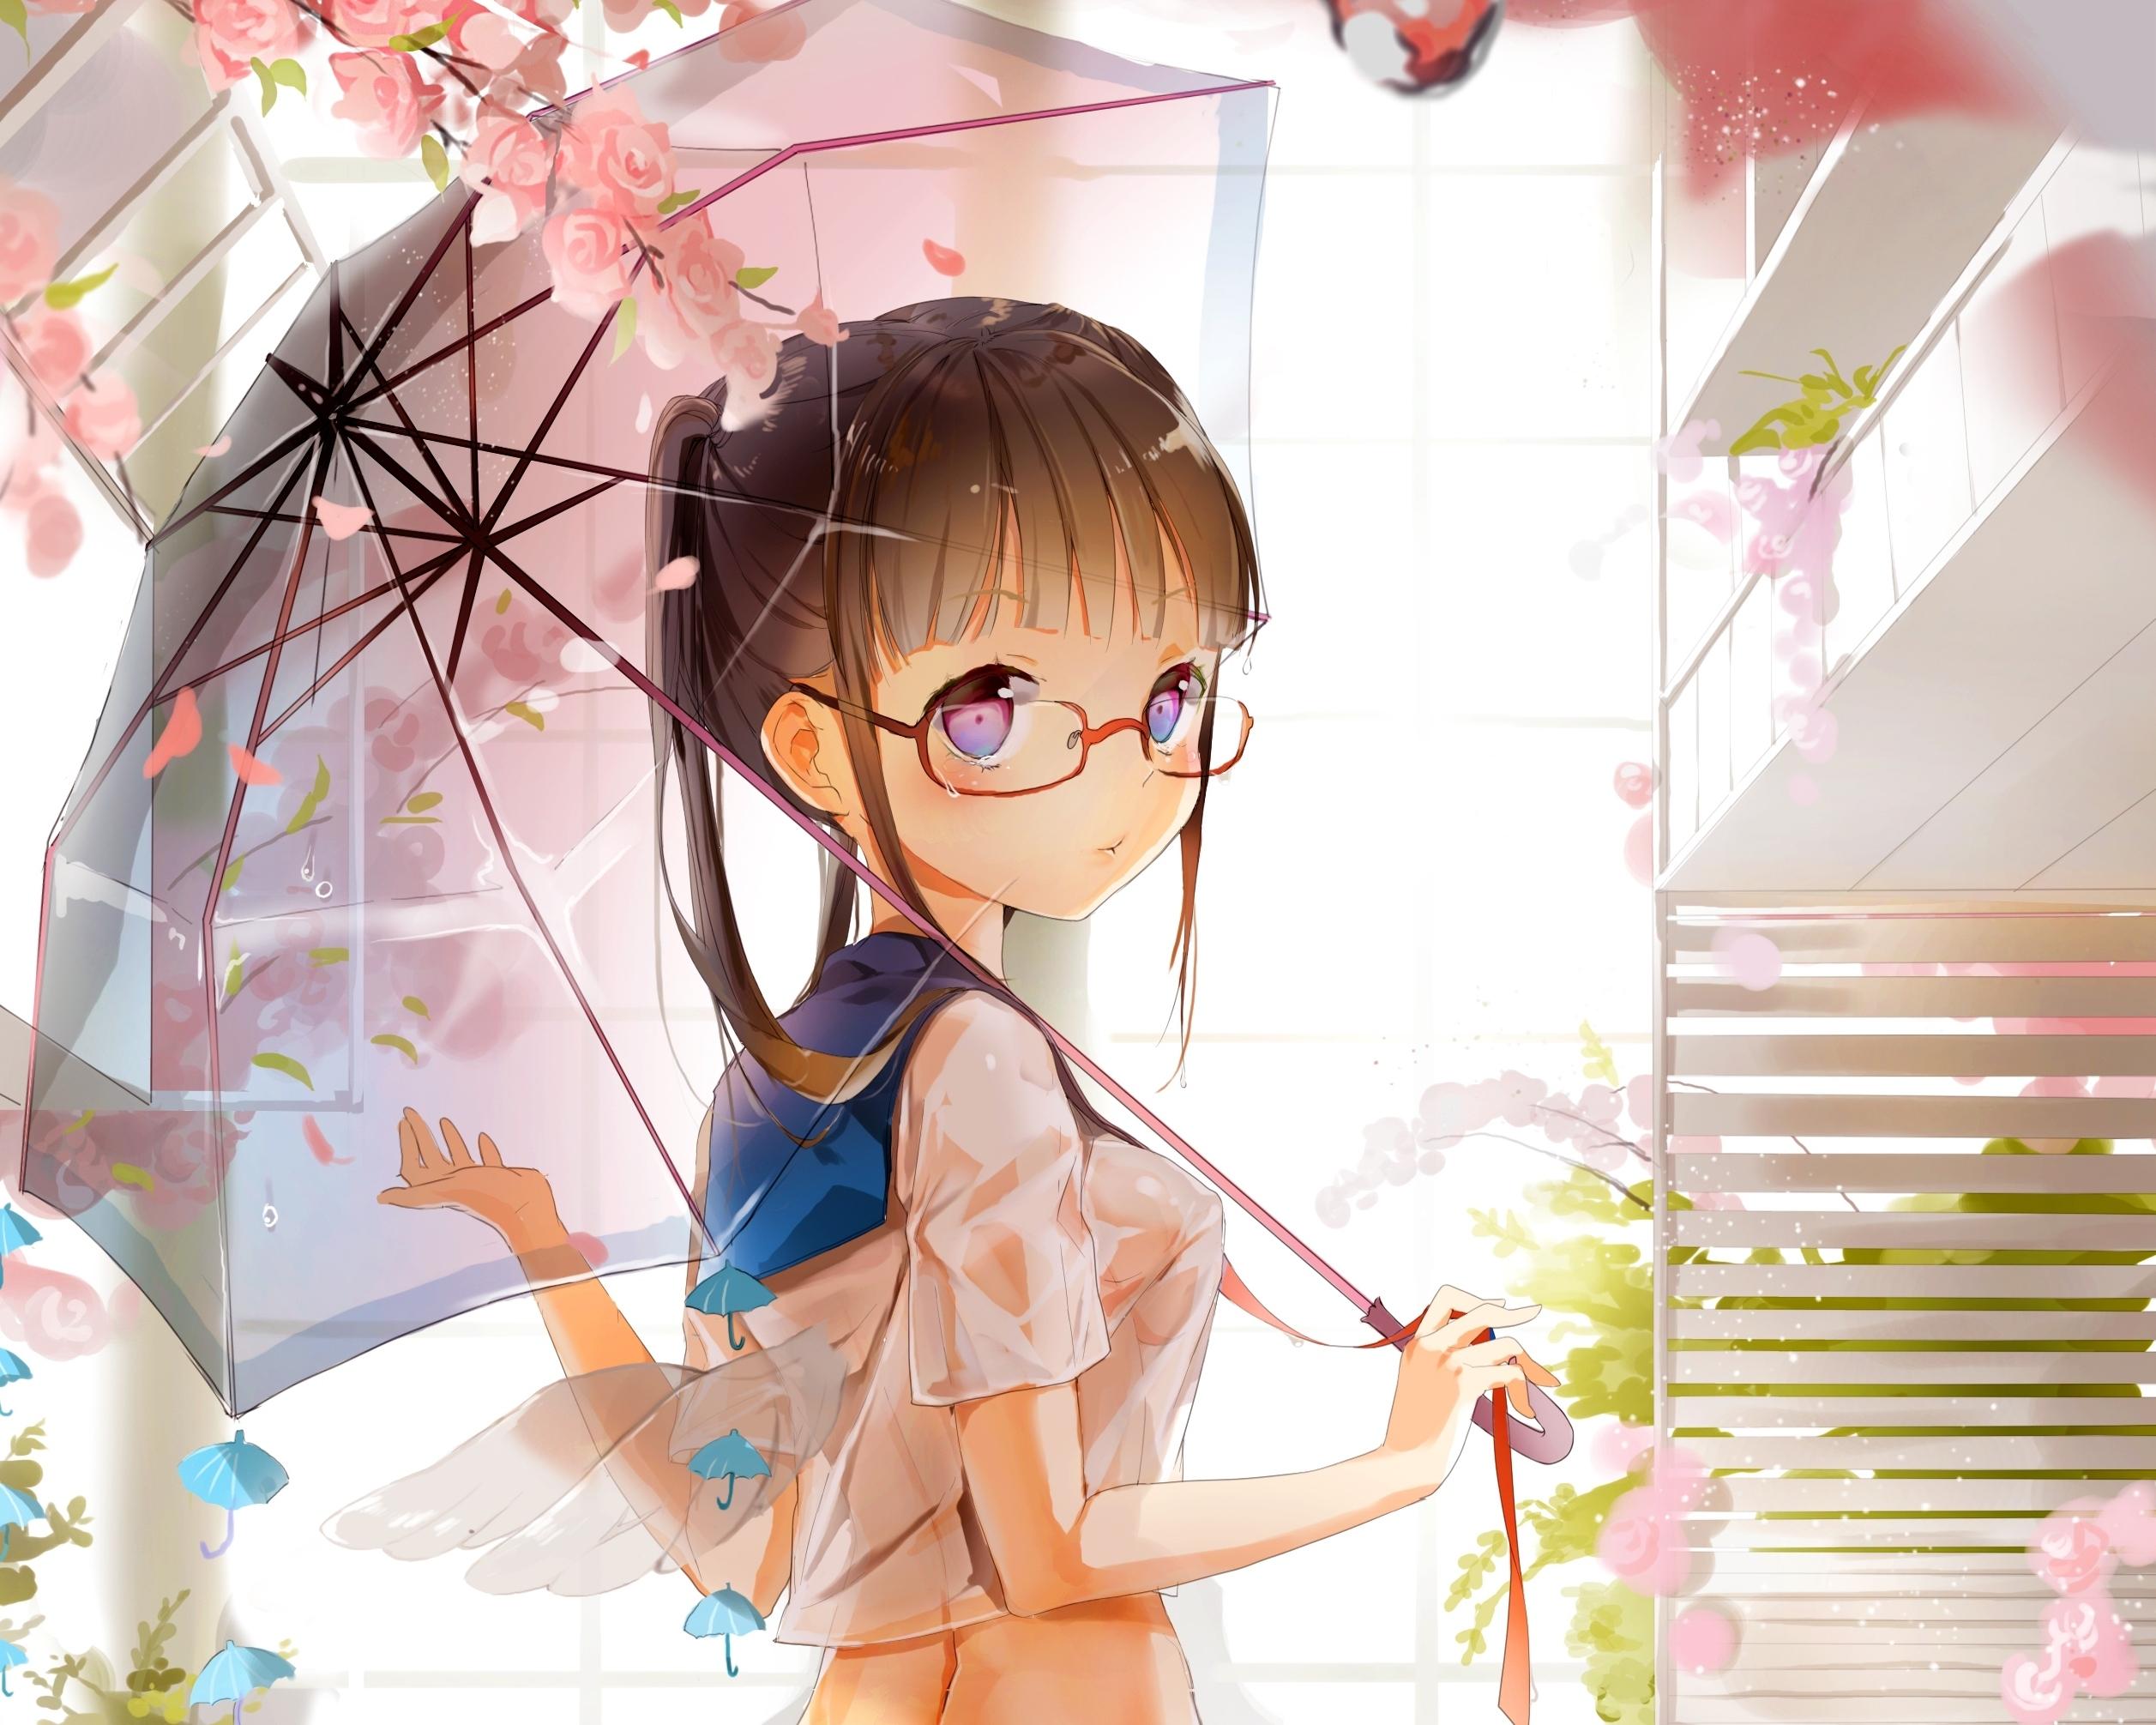 Японская девочка девственница 18 фотография